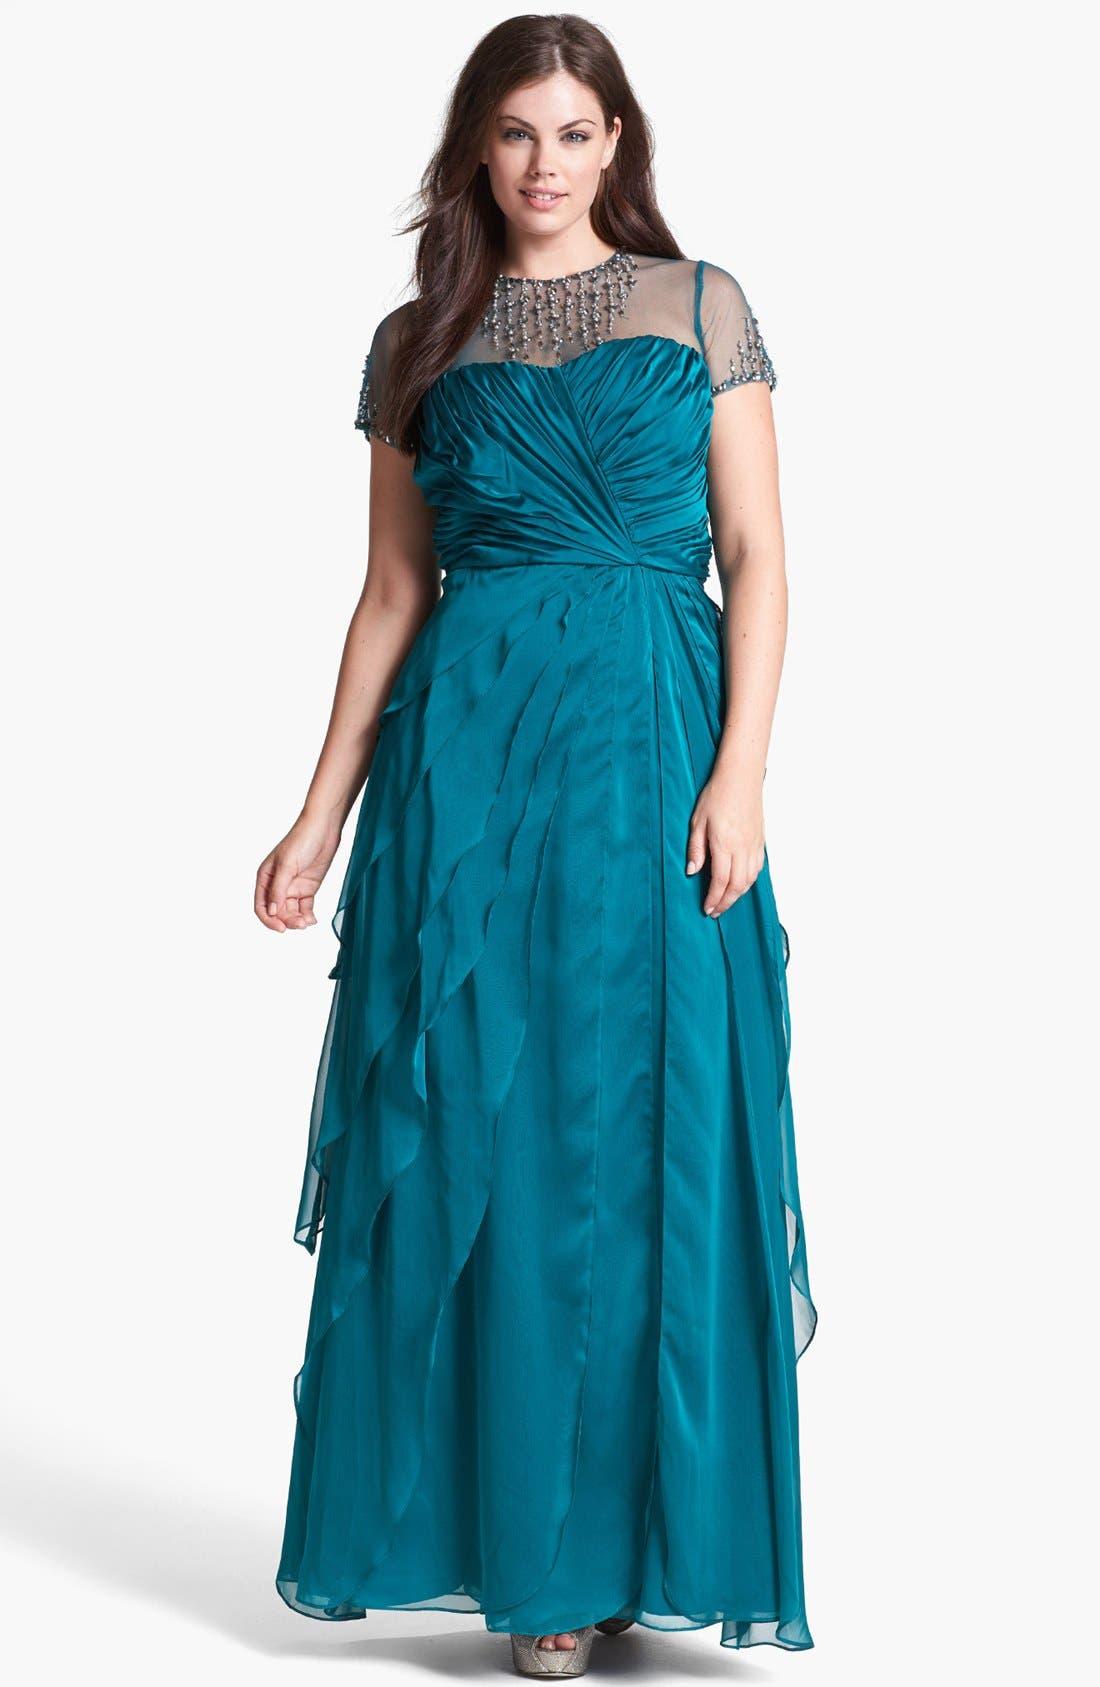 Main Image - Adrianna Papell Embellished Yoke Ruffled Charmeuse Gown (Plus Size)